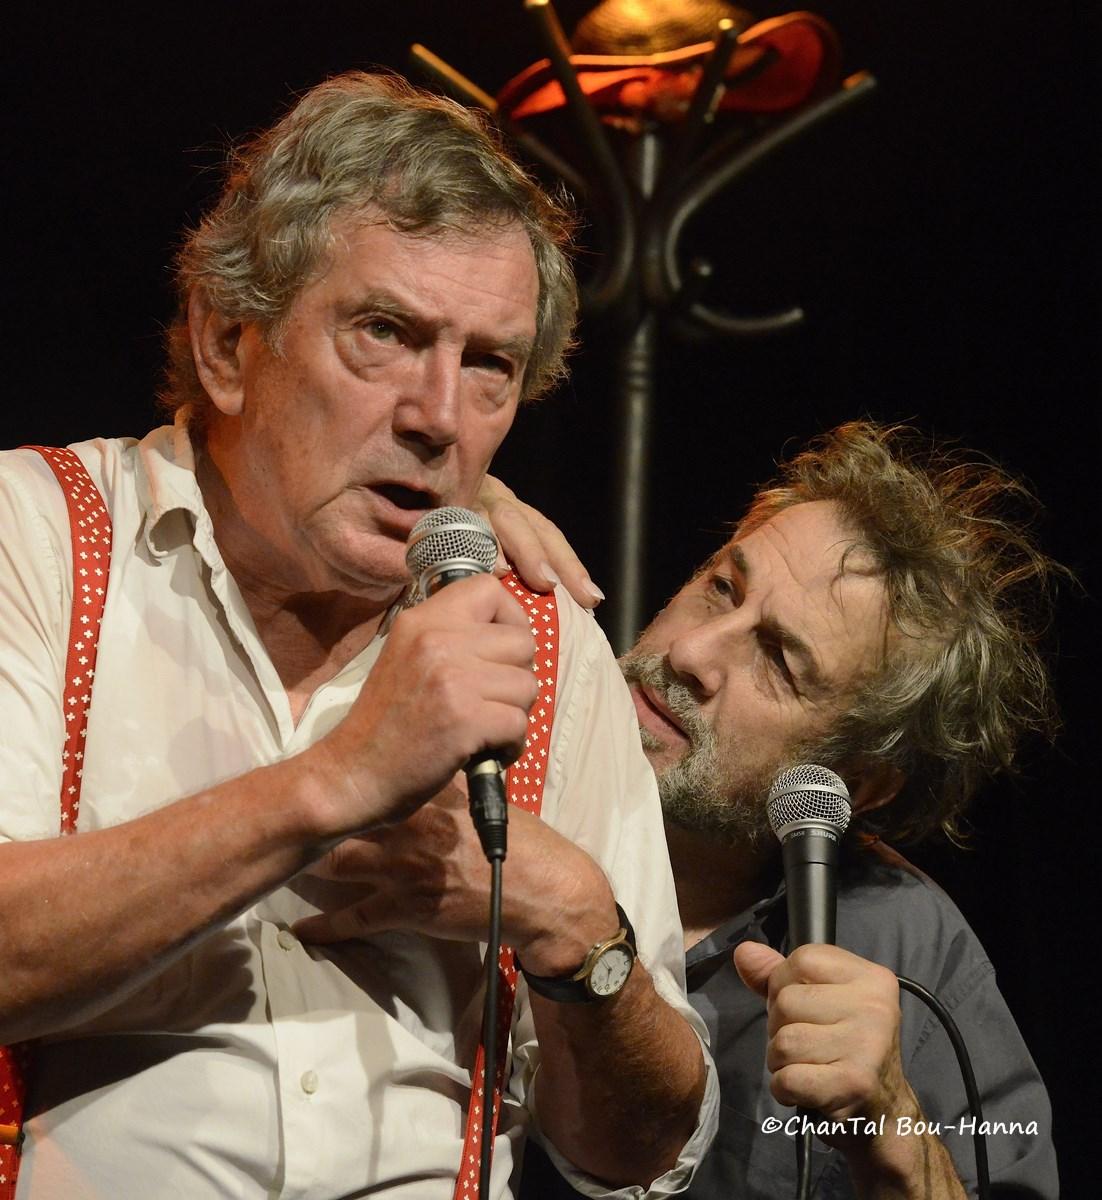 """Michel Bühler et Sarcloret dans """"Les trois cloches"""" le 18 octobre 2013 au Forum Léo-Ferré Photo : Chantal Bou-Hanna"""